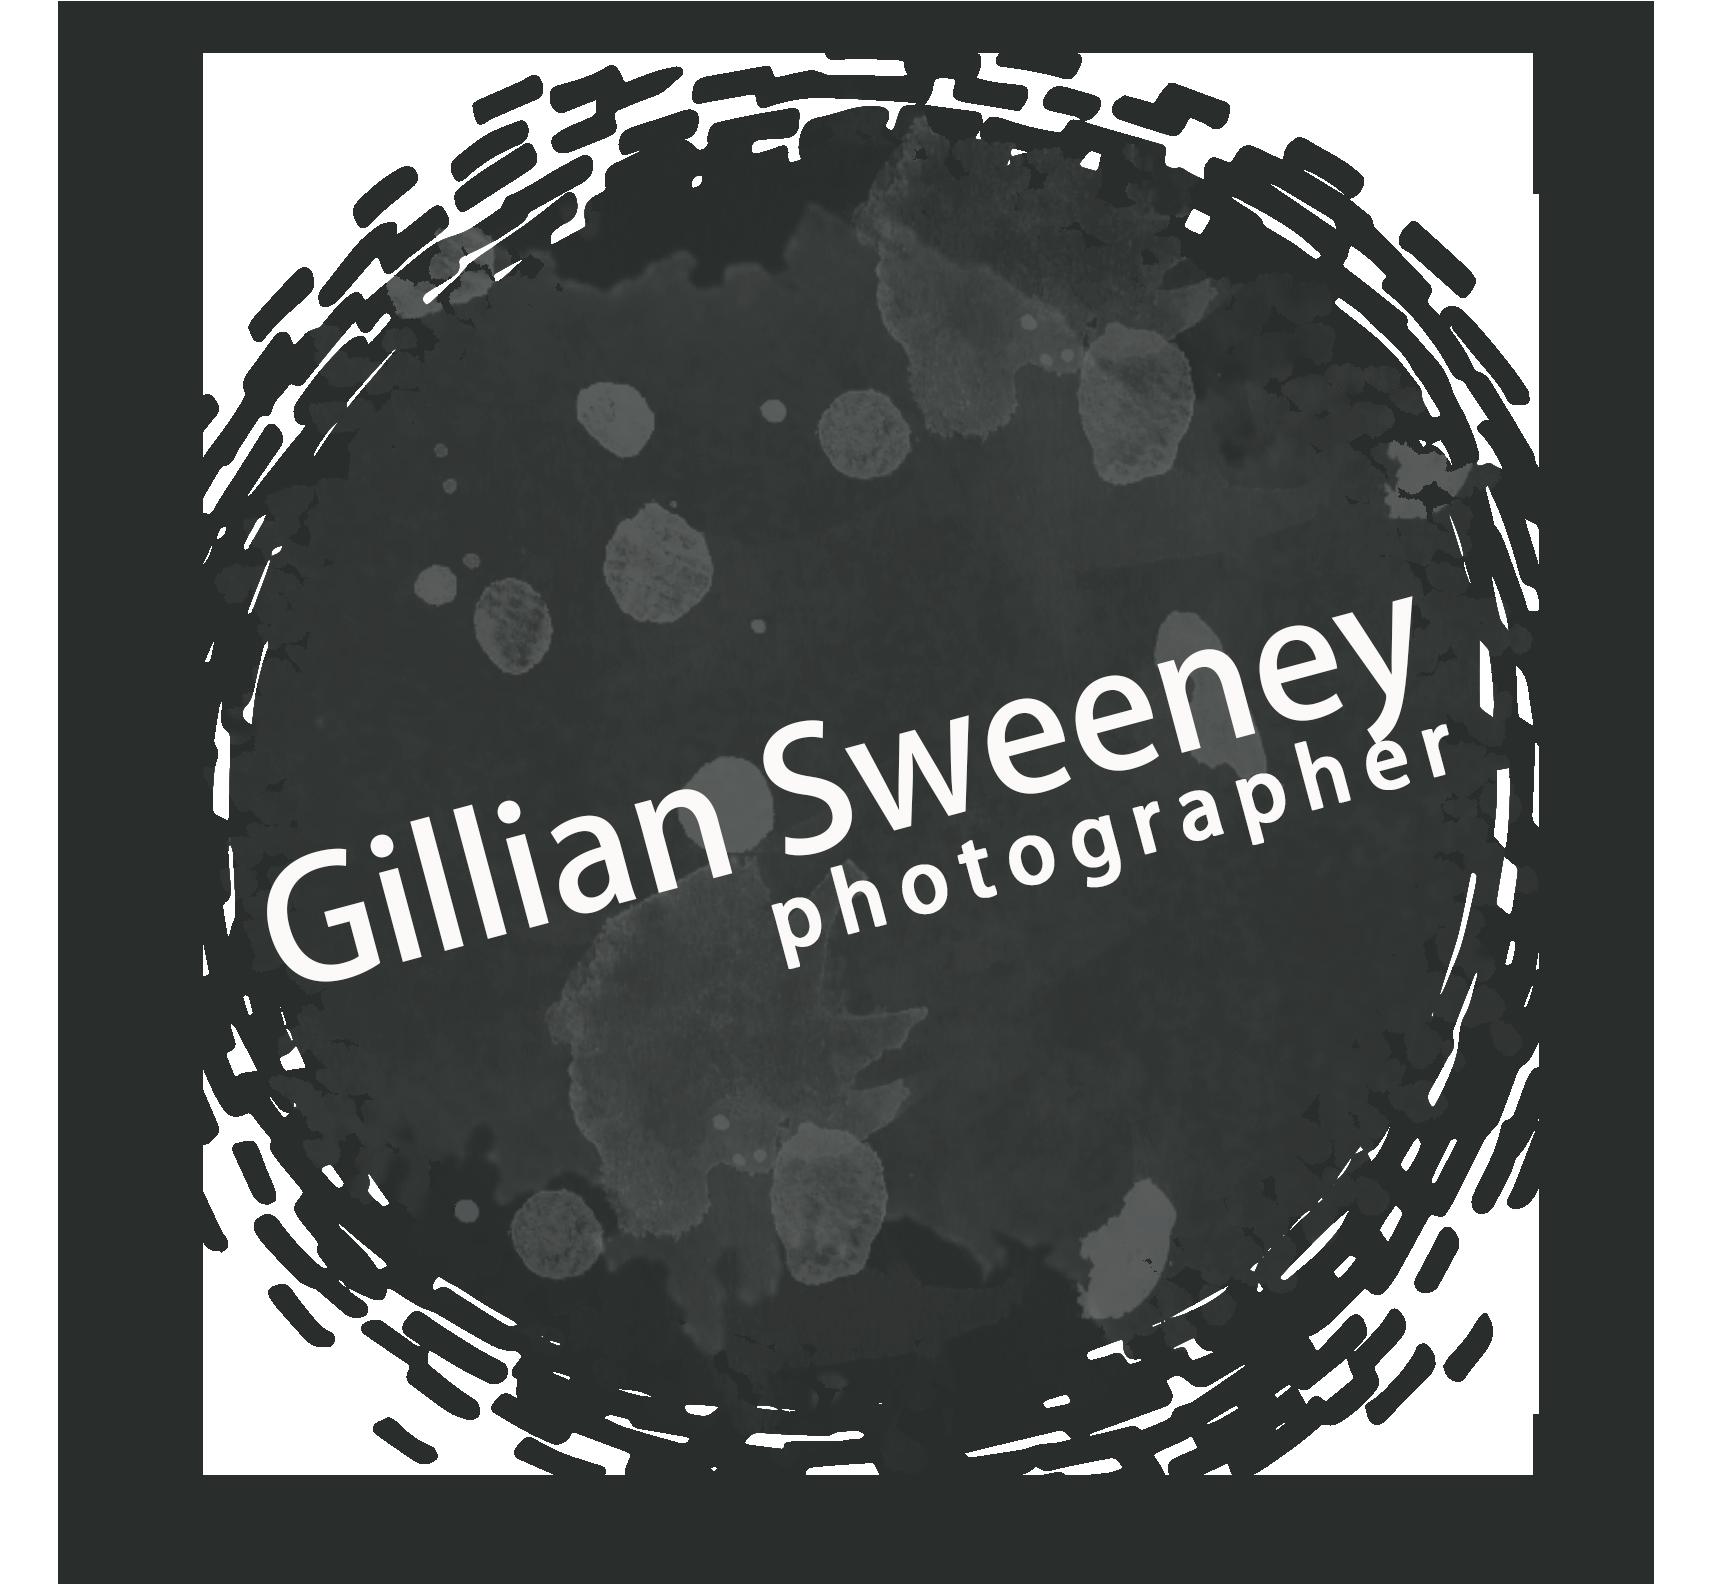 Gillian Sweeney